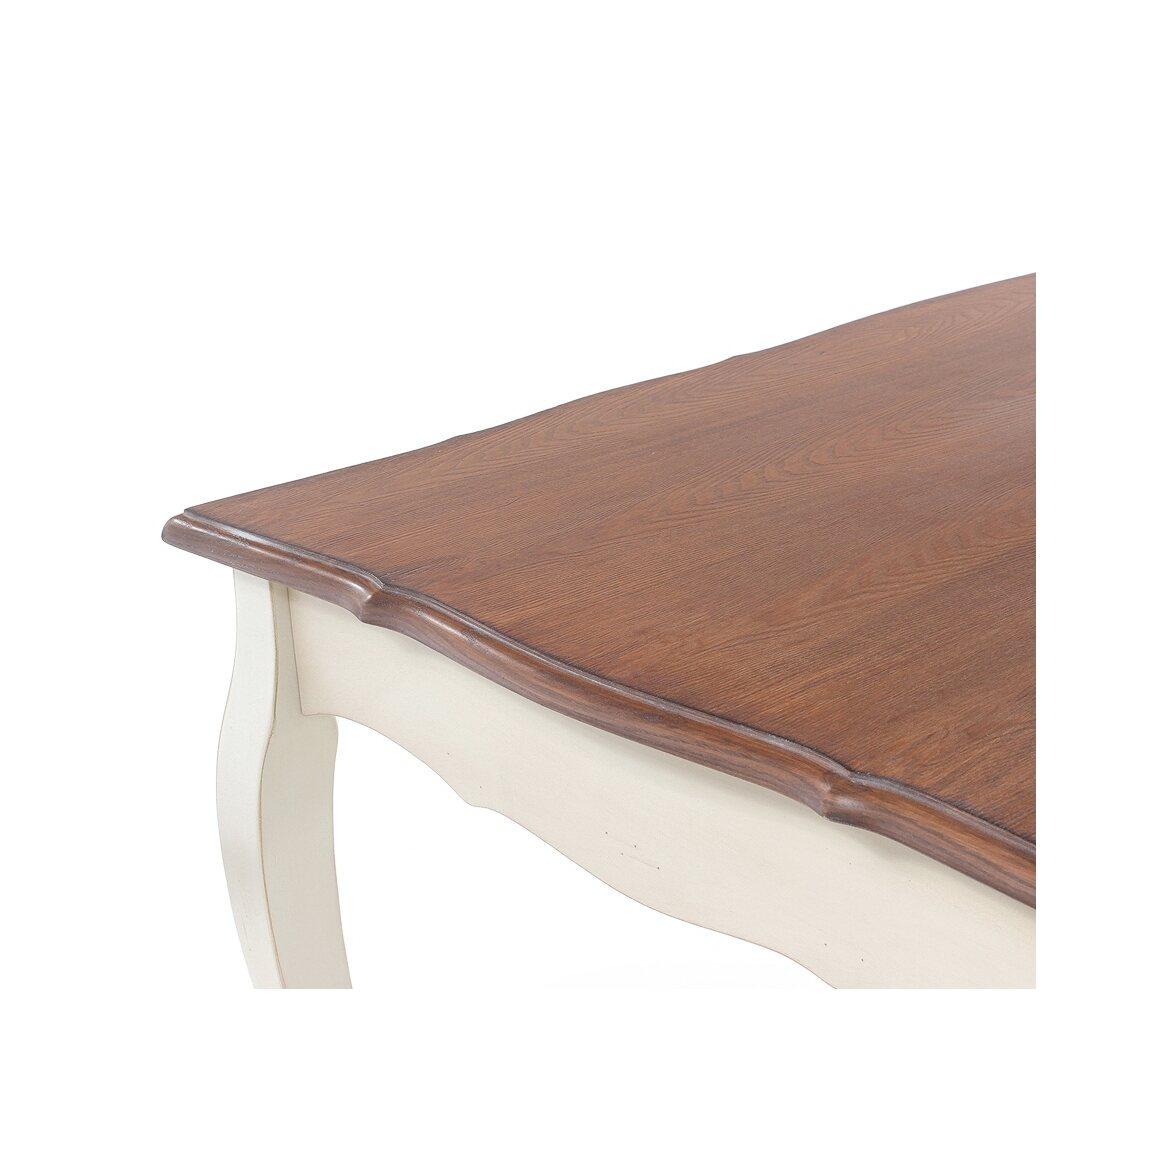 Обеденный стол (малый) Leontina, бежевого цвета 4 | Обеденные столы Kingsby